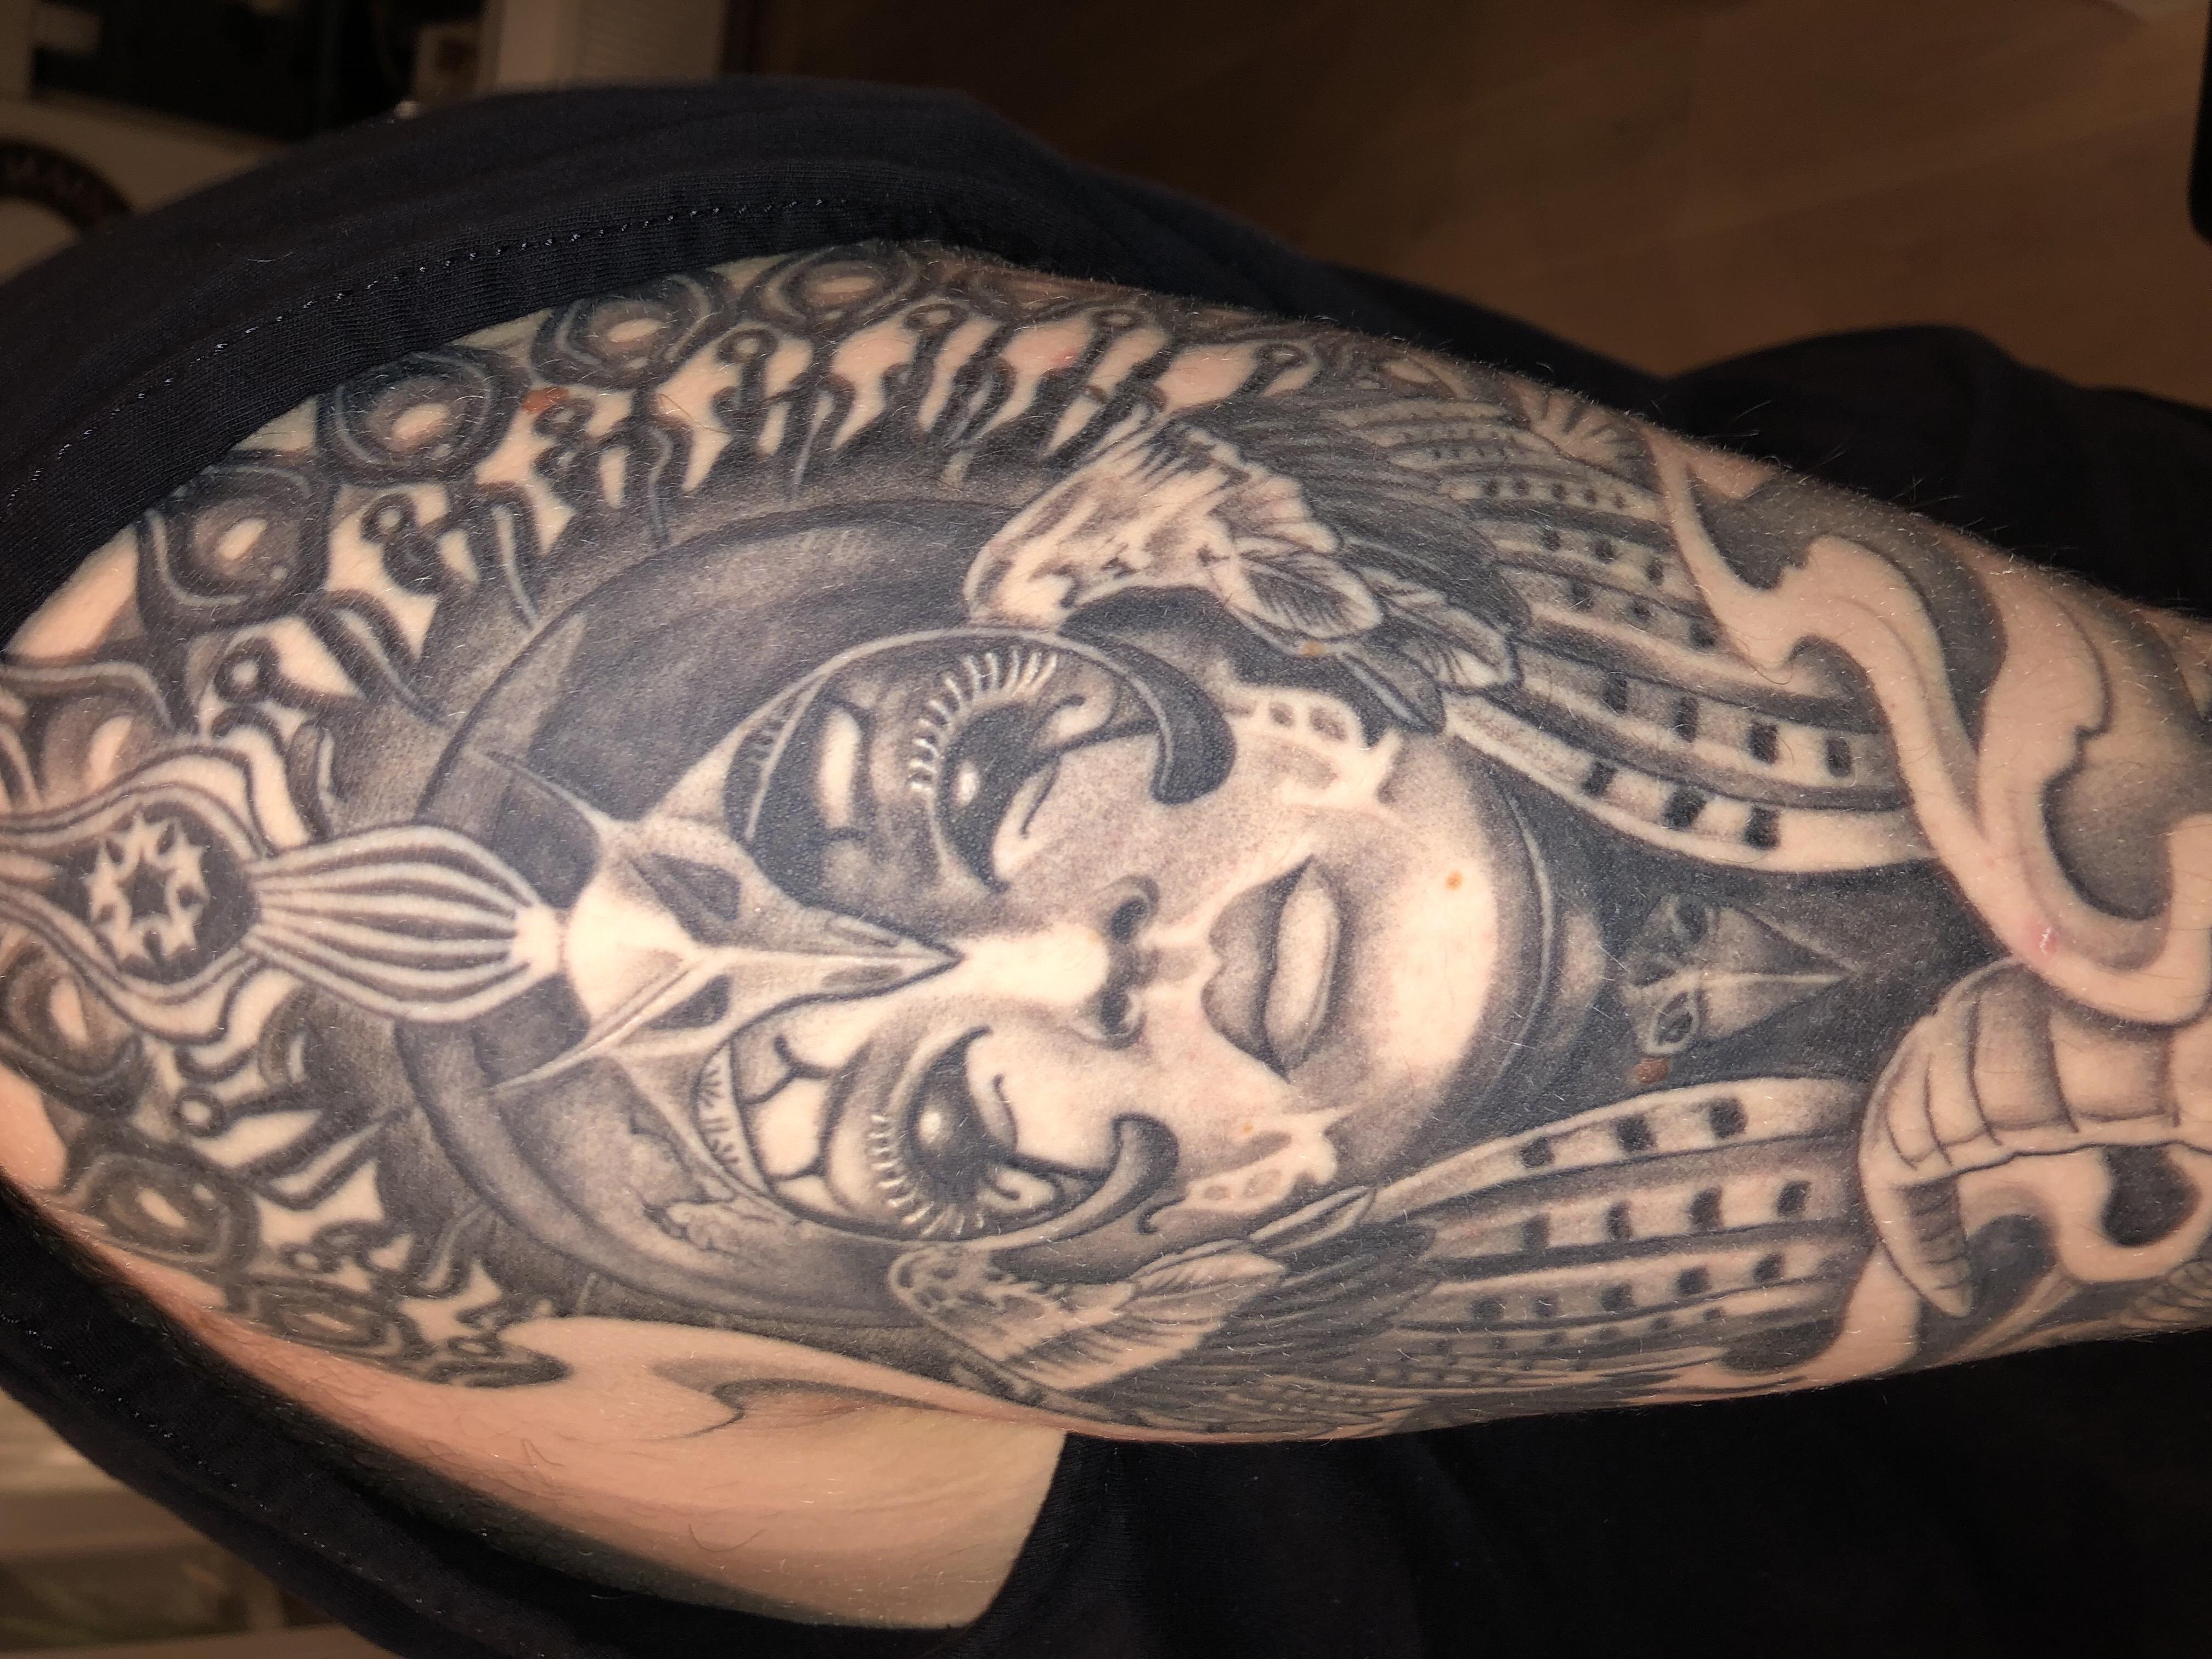 Hardstyle tattoo